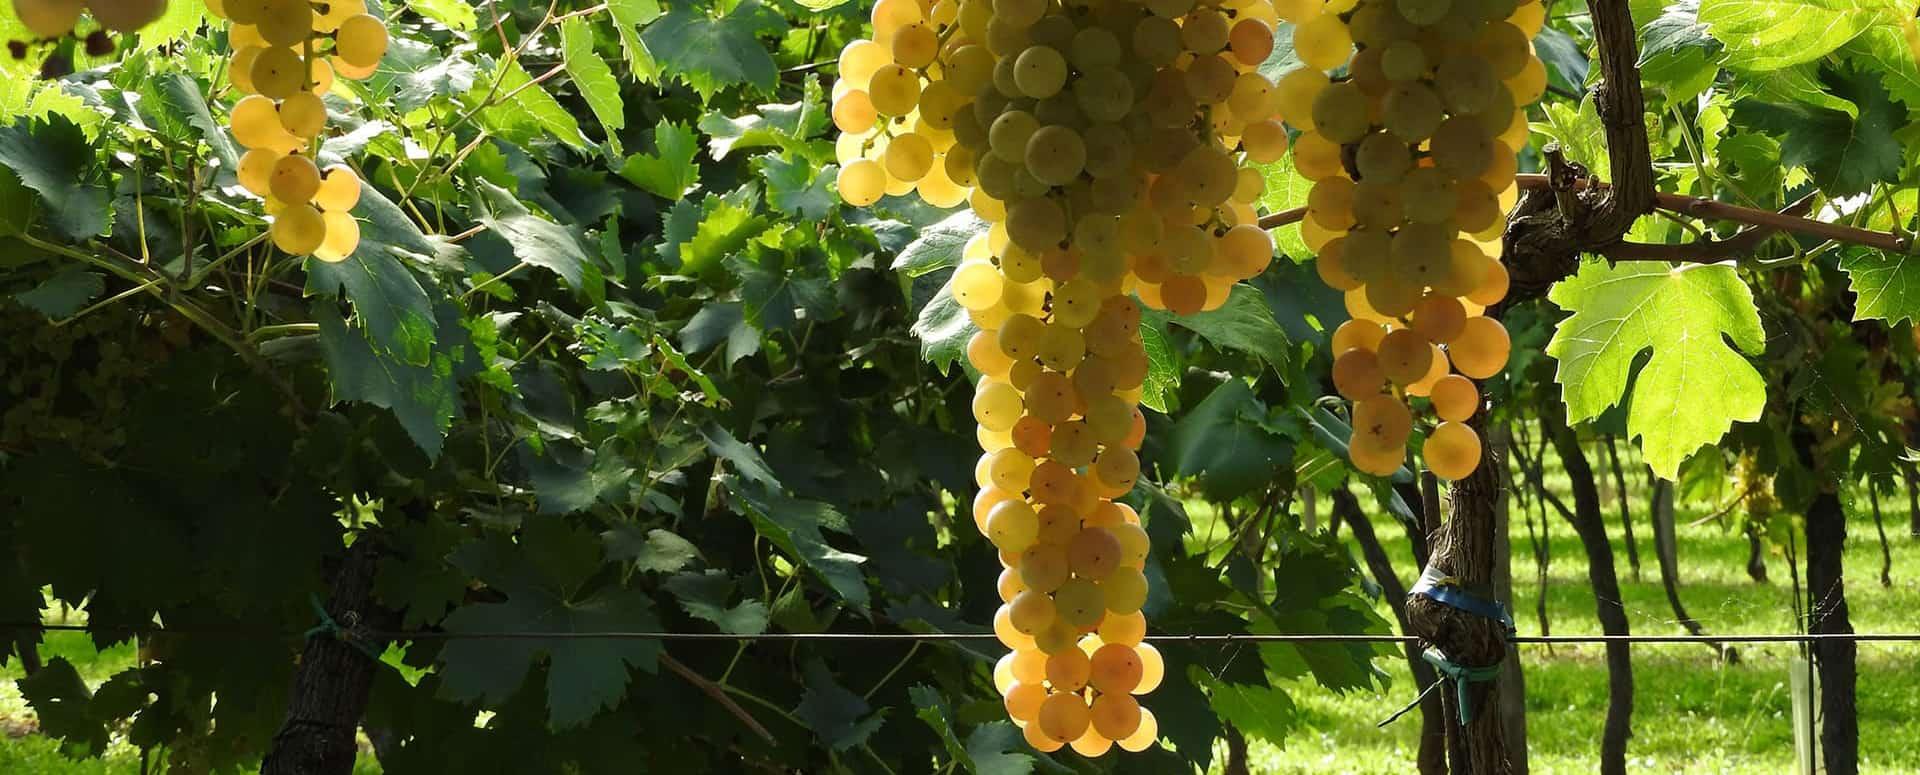 vebdemmia uva bianca Villa Canestrari